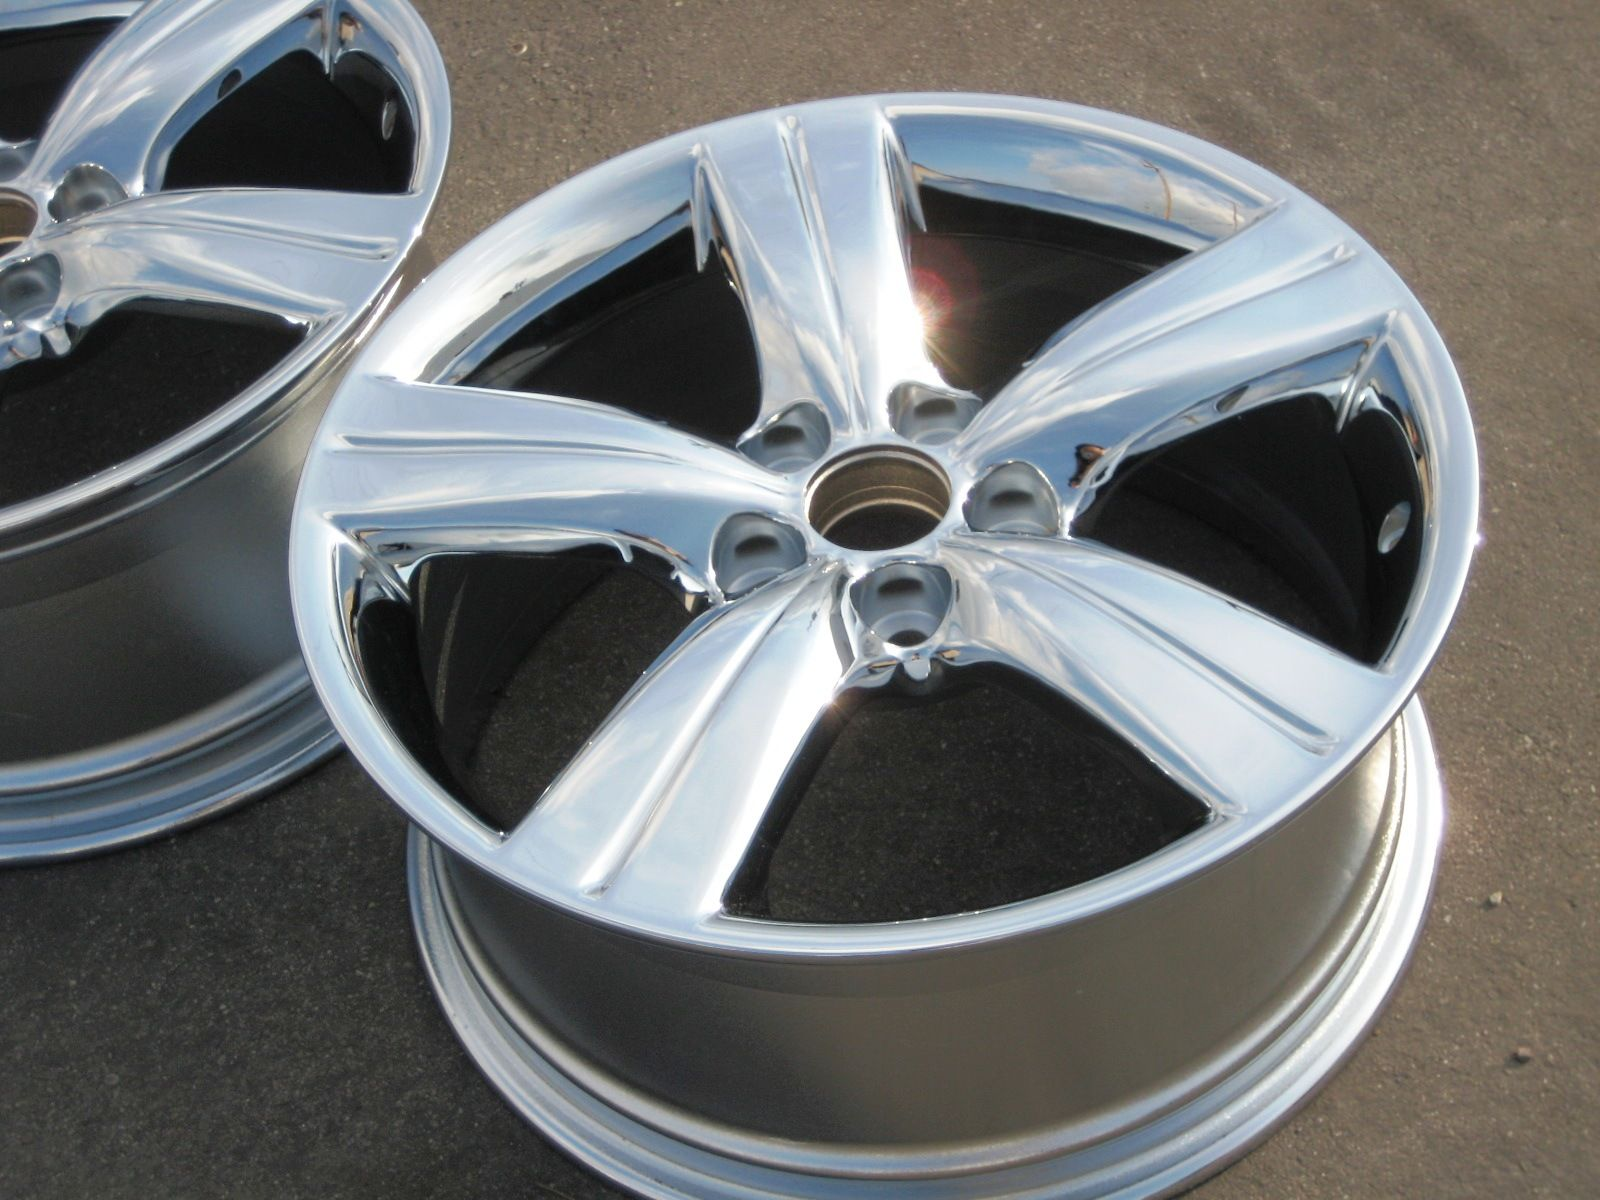 Lexus GS430 gs350 GS460 GS300 SC430 Camry Chrome Wheels Rims